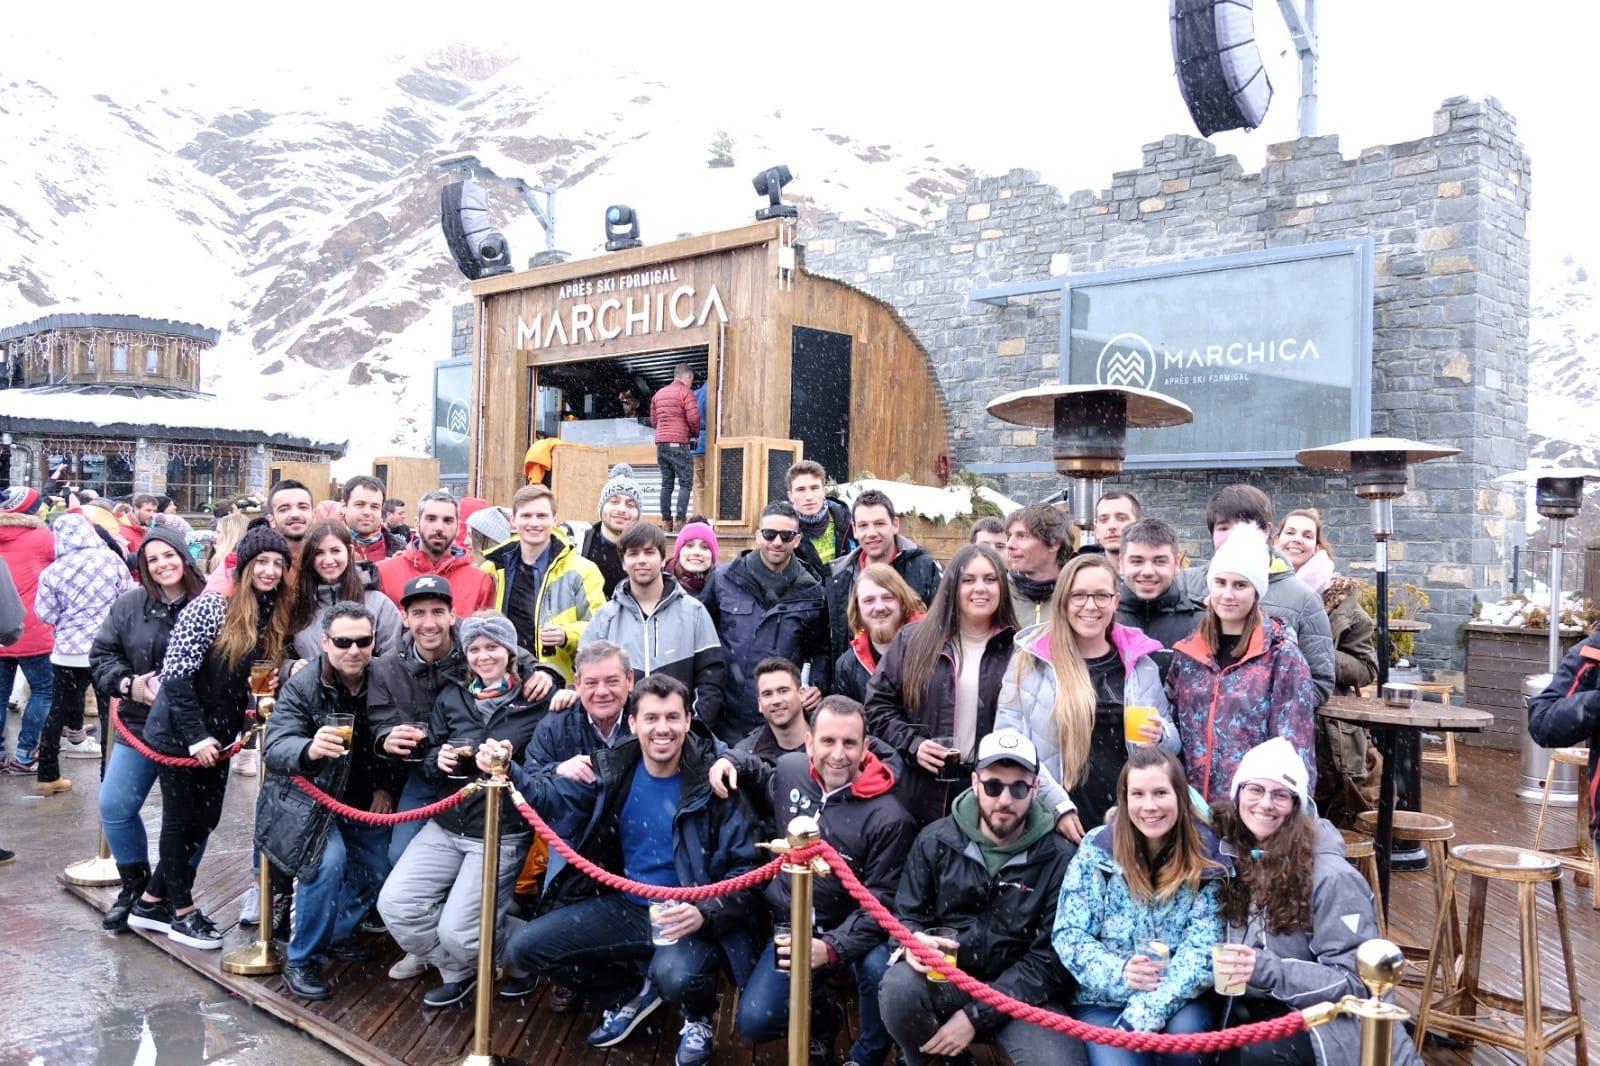 El equipo de Esquiades.com en Marchica